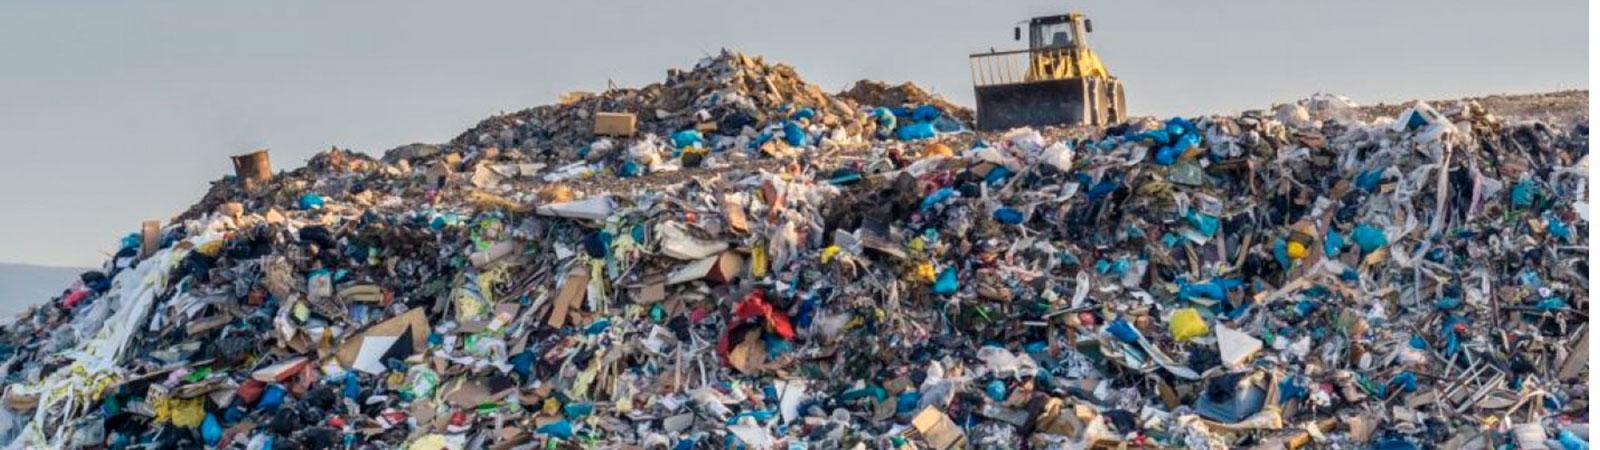 Организация проведения общественных обсуждений, общественных слушаний относительно решений в сфере охраны окружающей среды - Фото №2